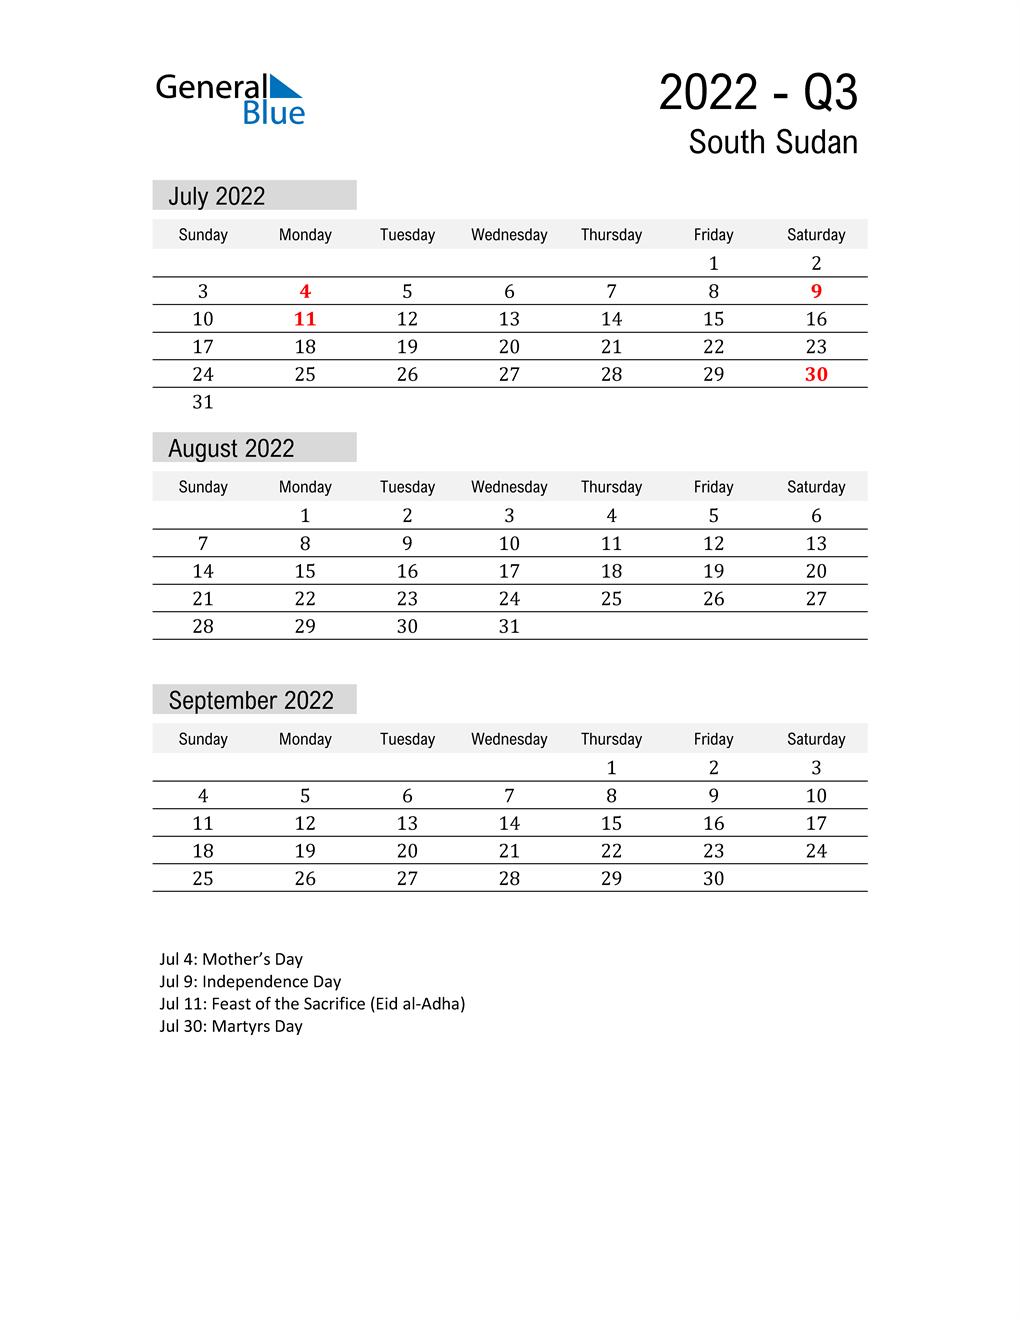 South Sudan Quarter 3 2022 Calendar